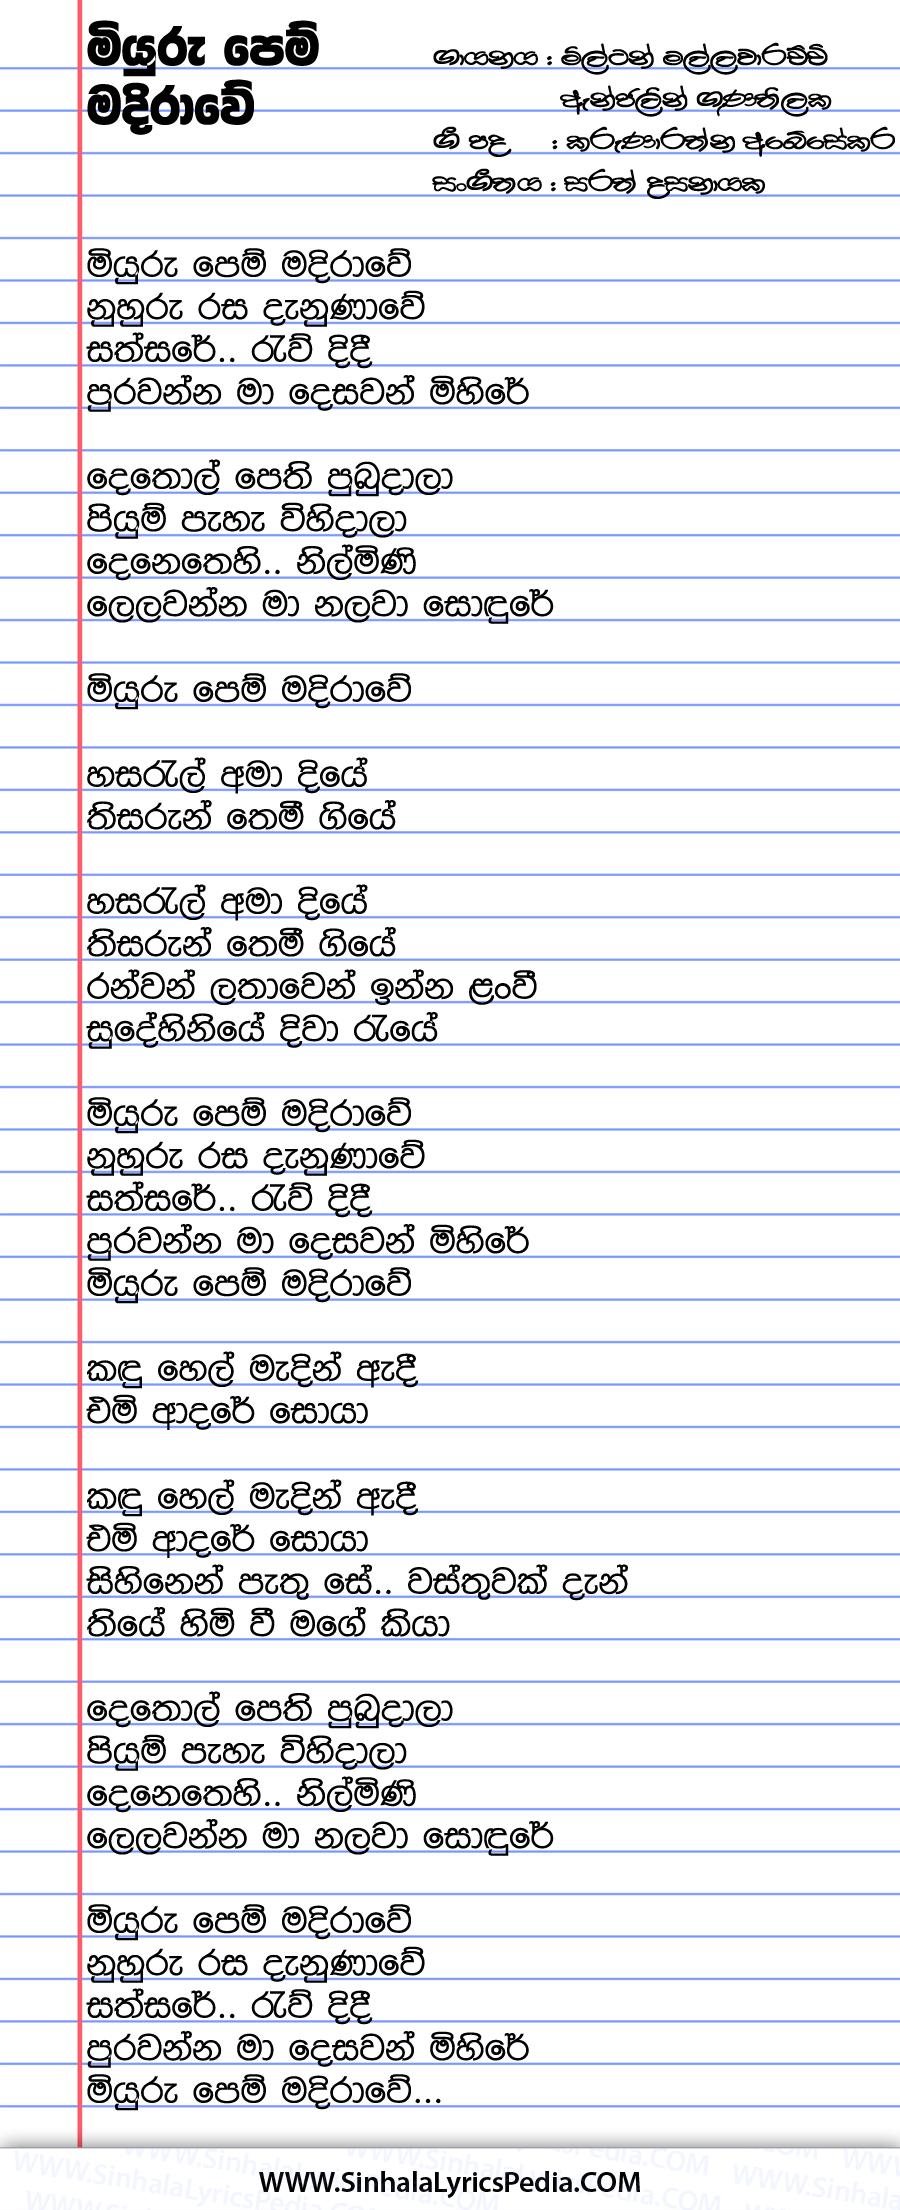 Miyuru Pem Madirawe Nuhuru Rasa Danunawe Song Lyrics